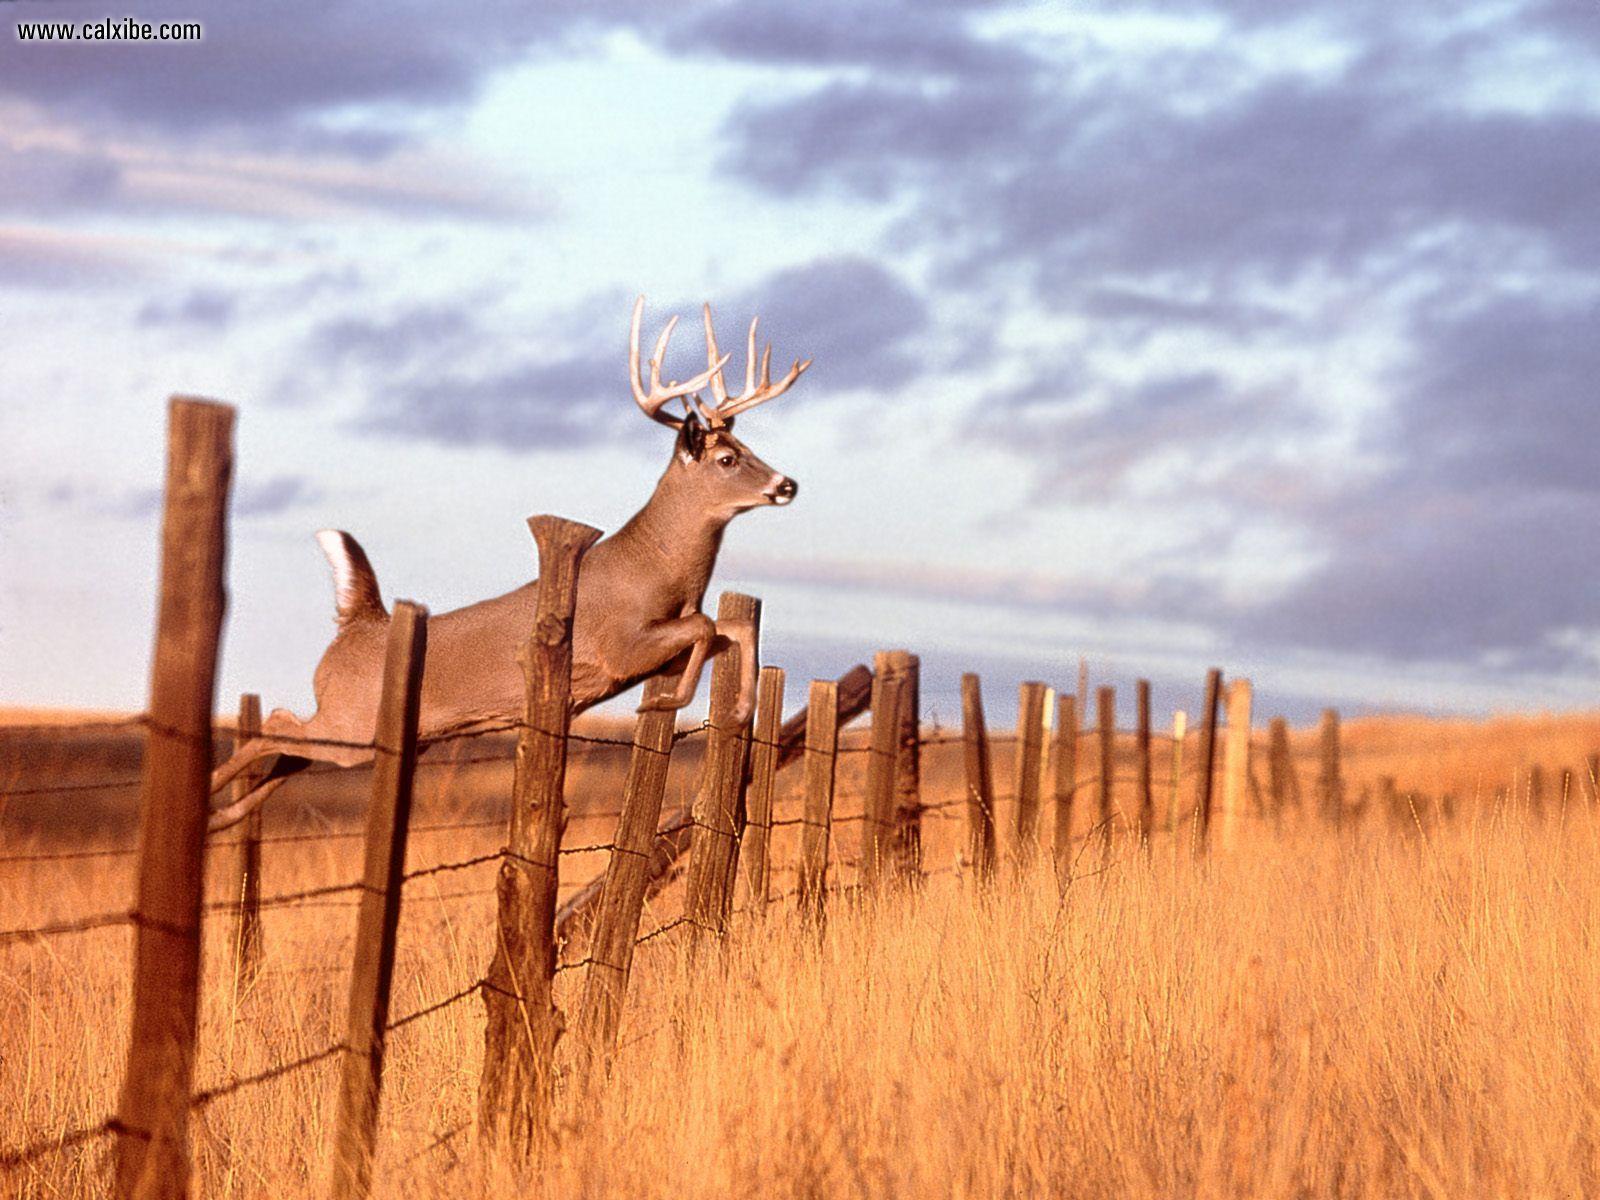 deer wallpapersdeer wallpaperwhitetail deer wallpaperdeer hunting 1600x1200